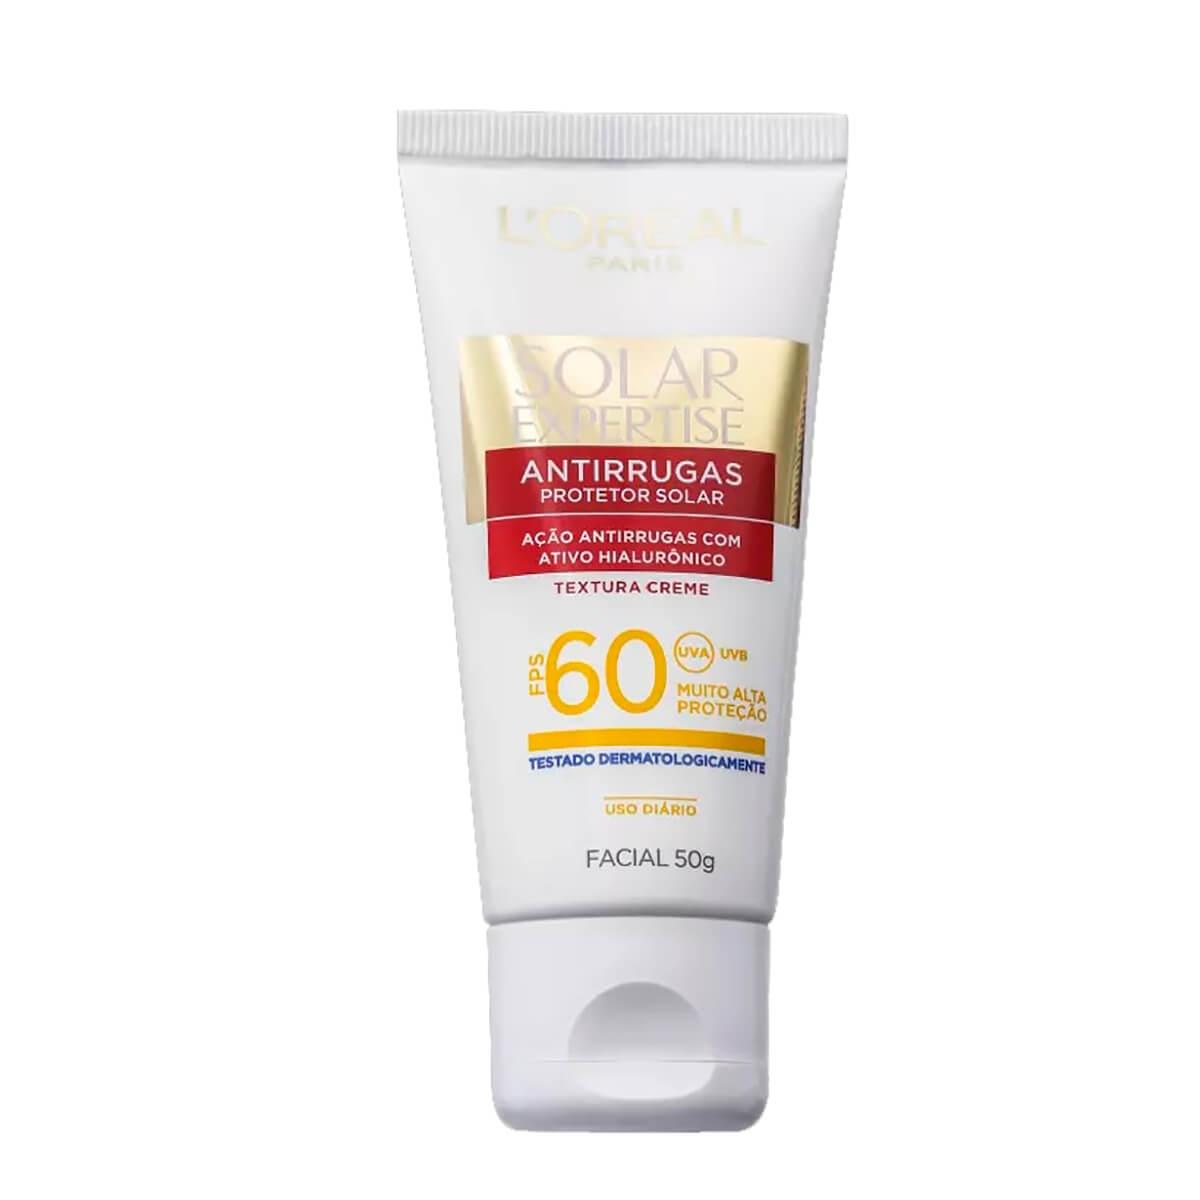 Protetor Solar Facial L'Oréal Expertise Antirrugas FPS 60 com 50g 50g